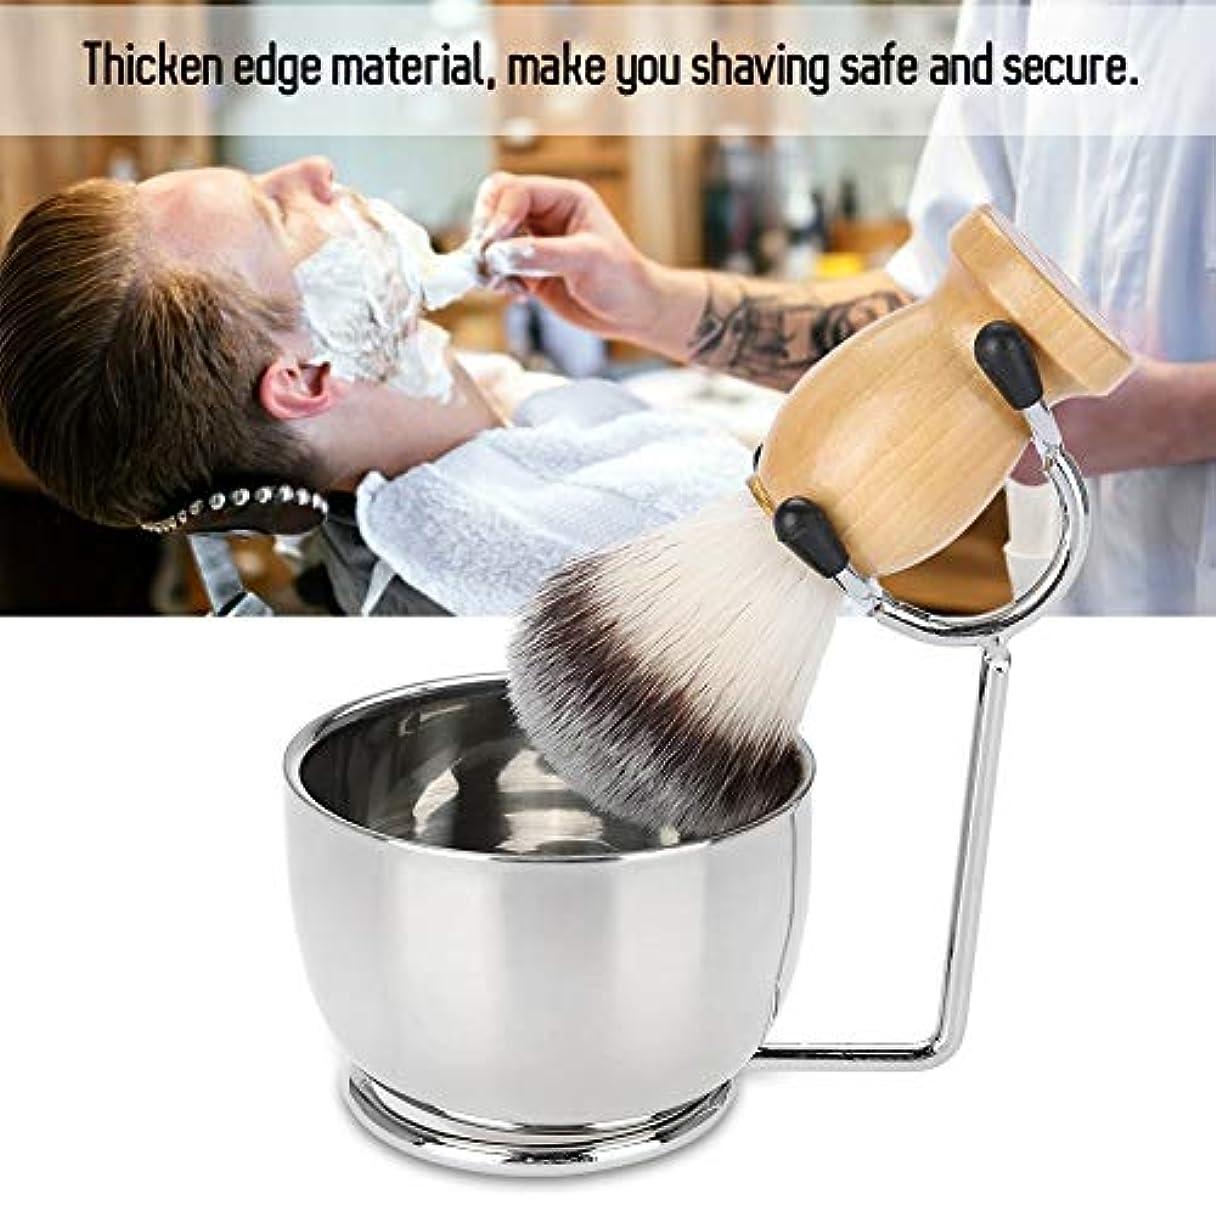 リーン怖がらせる別れるブラシスタンド,シェービングブラシ耐久性と実用性ひげ剃りセット プロフェッショナルステンレススチールボウルスタンドブラシの口ひげシェービングツール